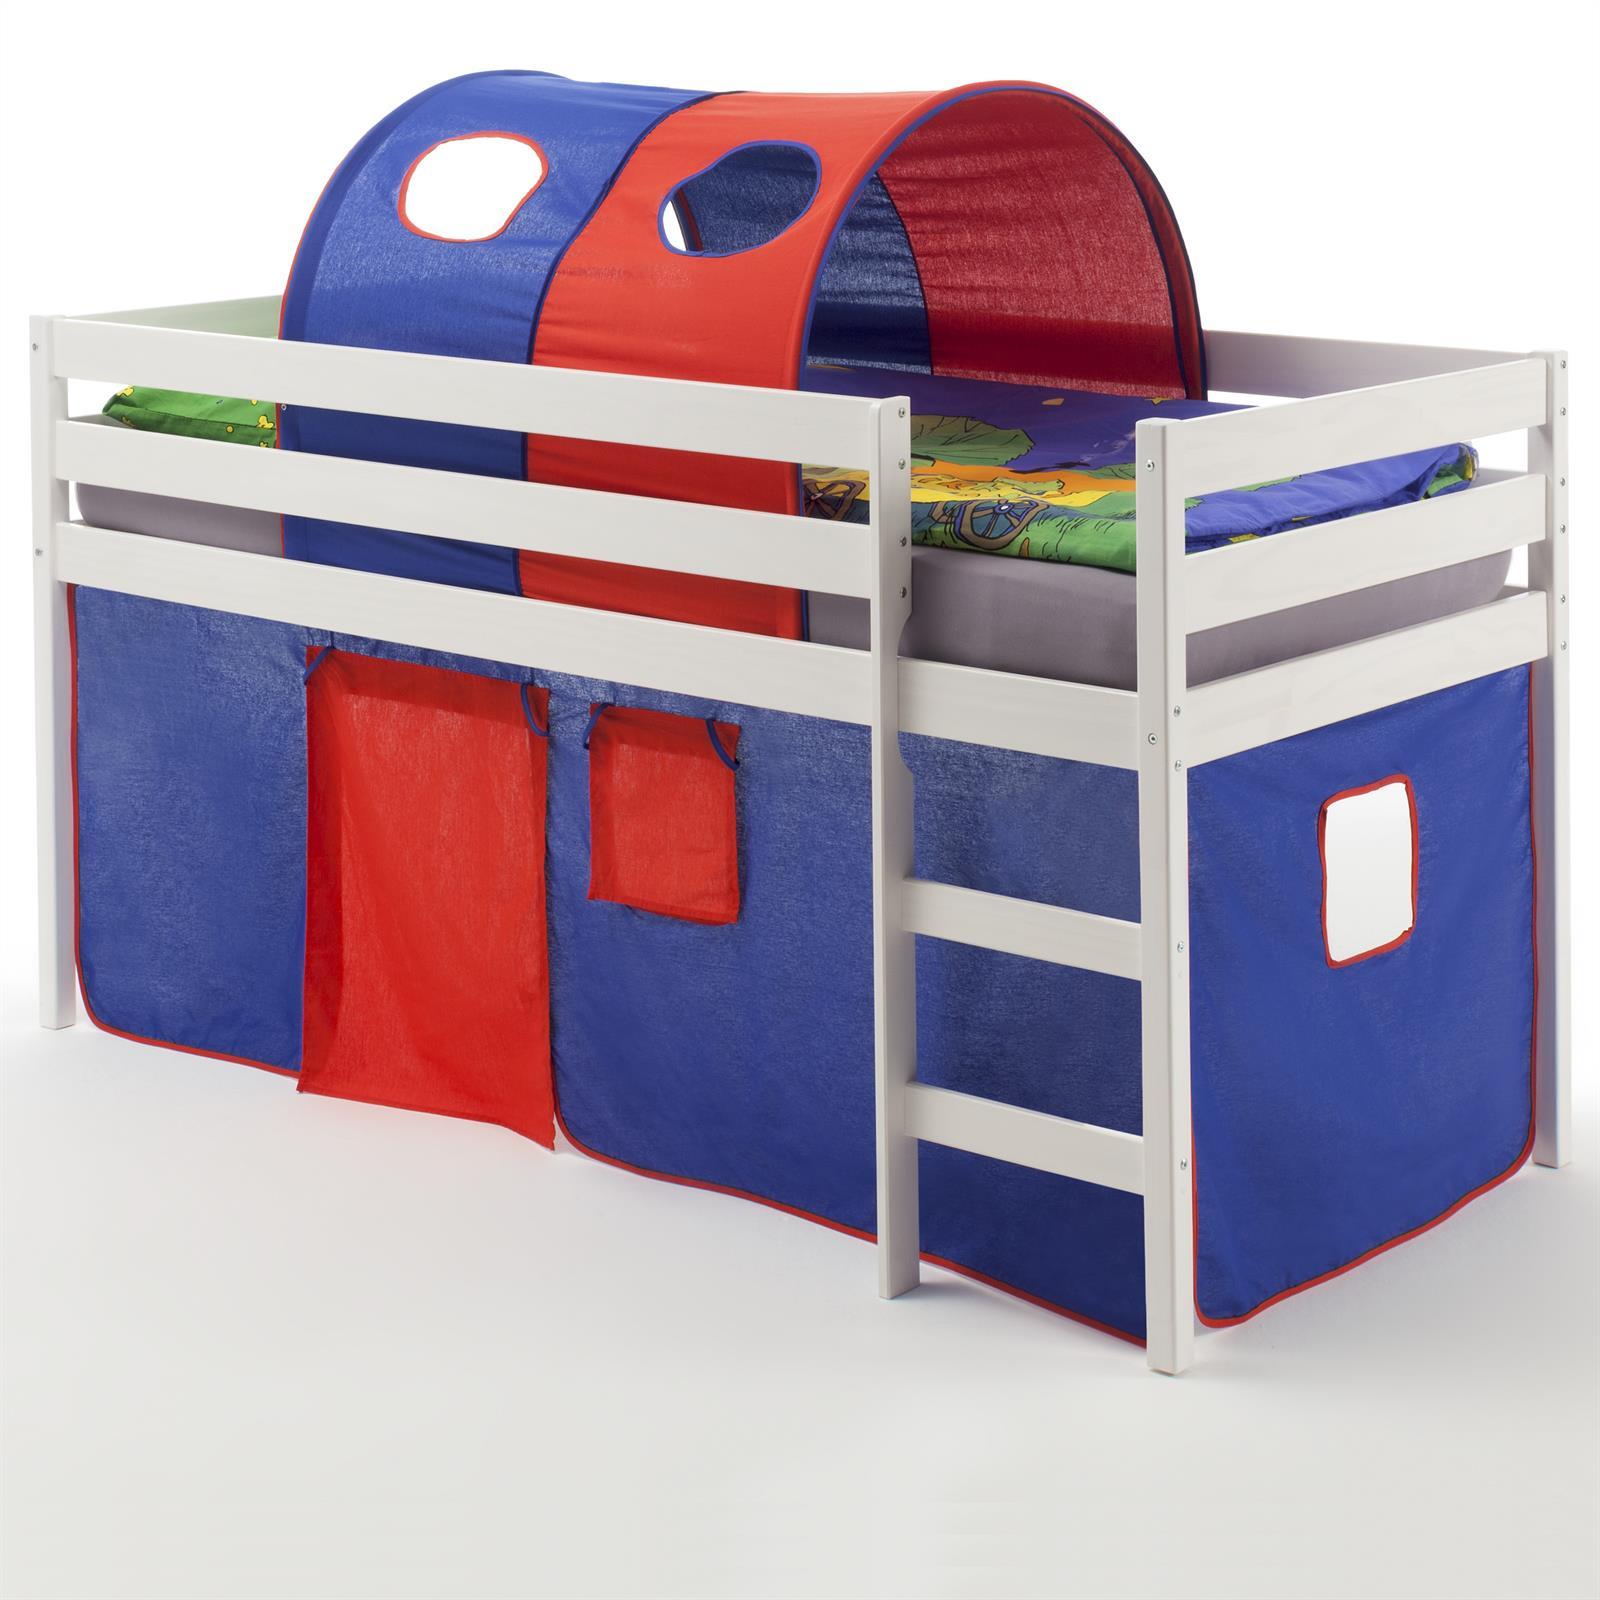 hochbett erik vorhang tunnel blau rot mobilia24. Black Bedroom Furniture Sets. Home Design Ideas